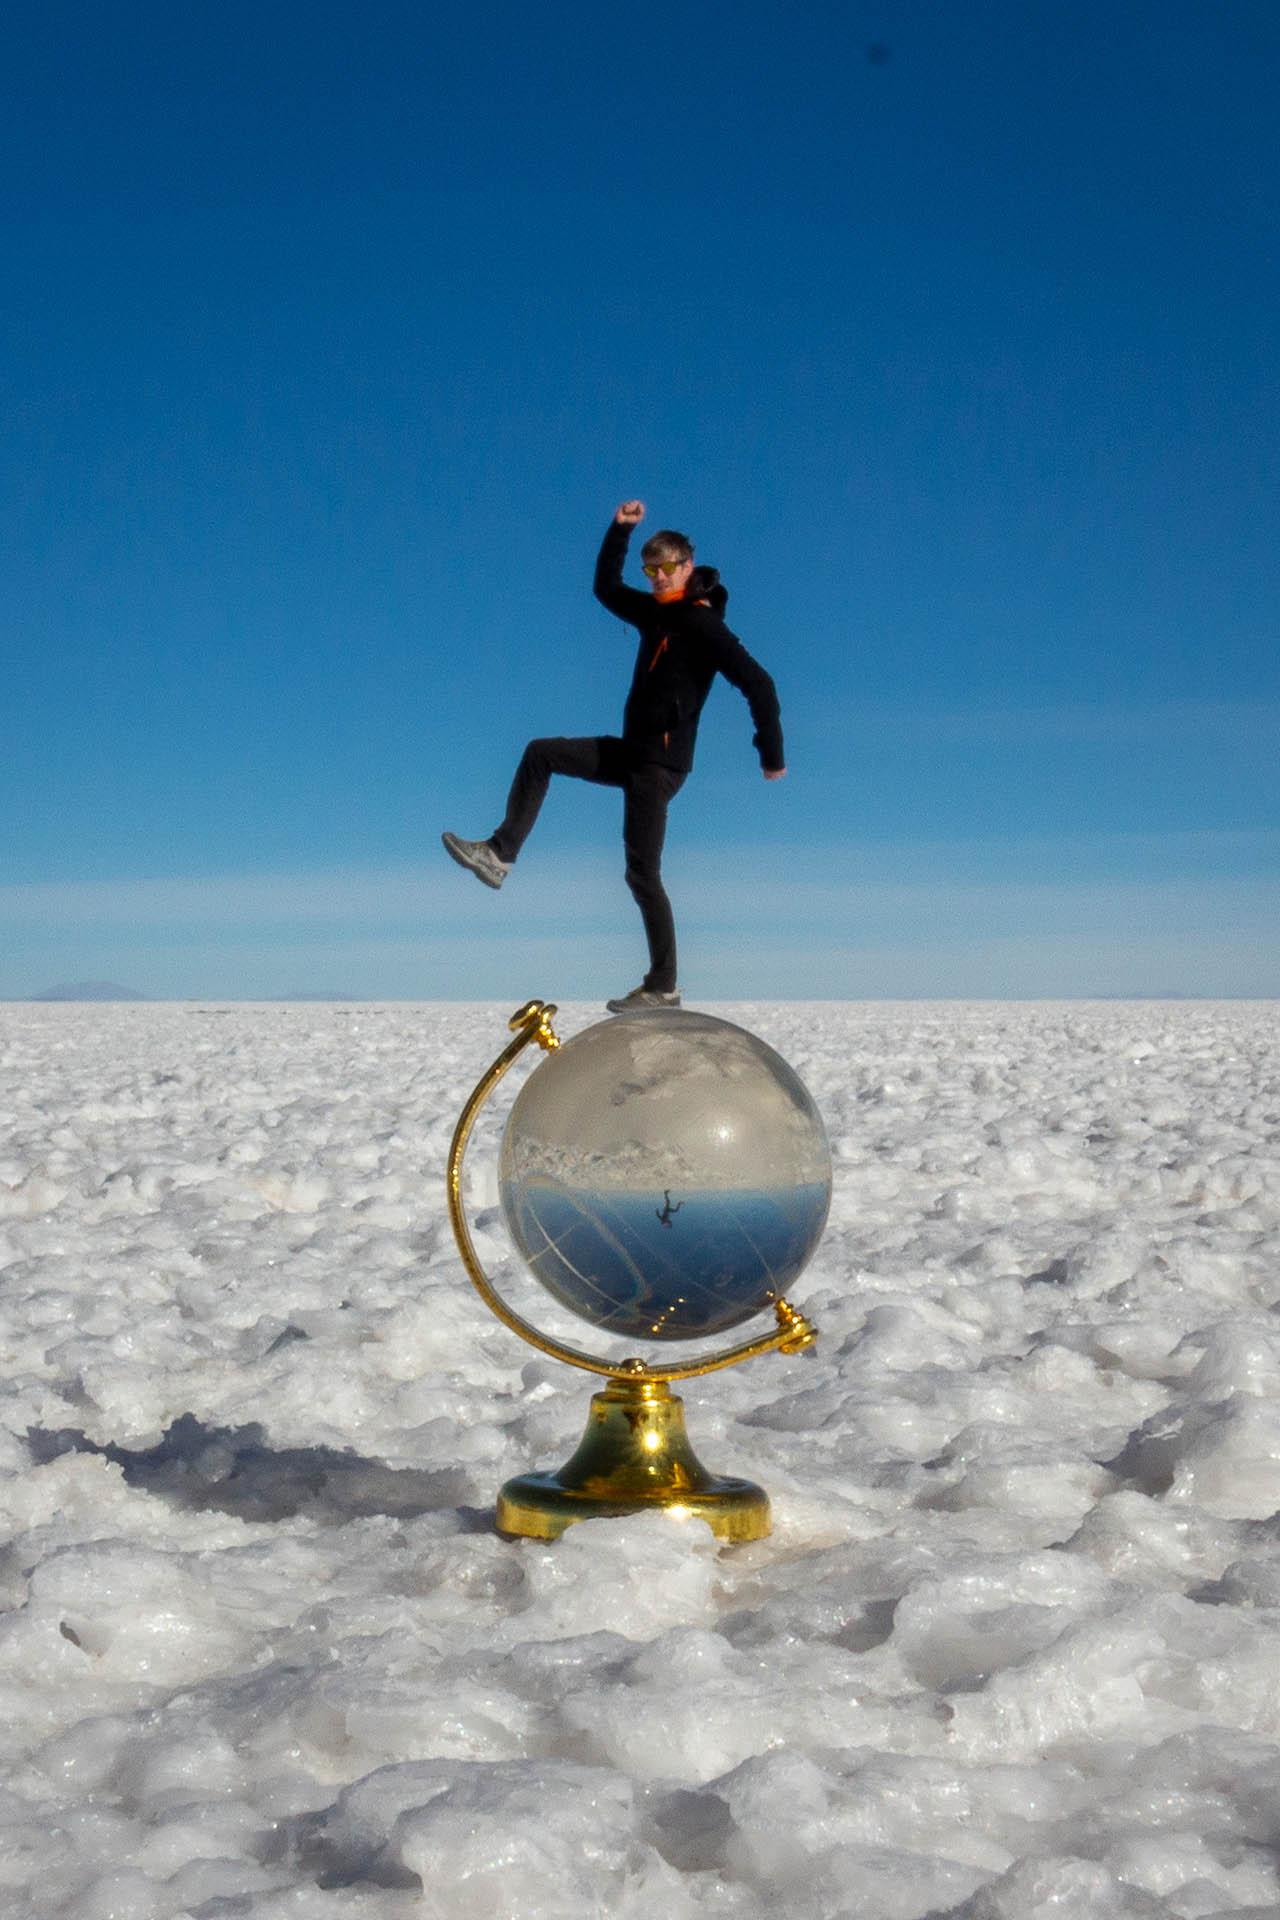 Hugo op een wereldbol met perspectief op Salar de Uyuni